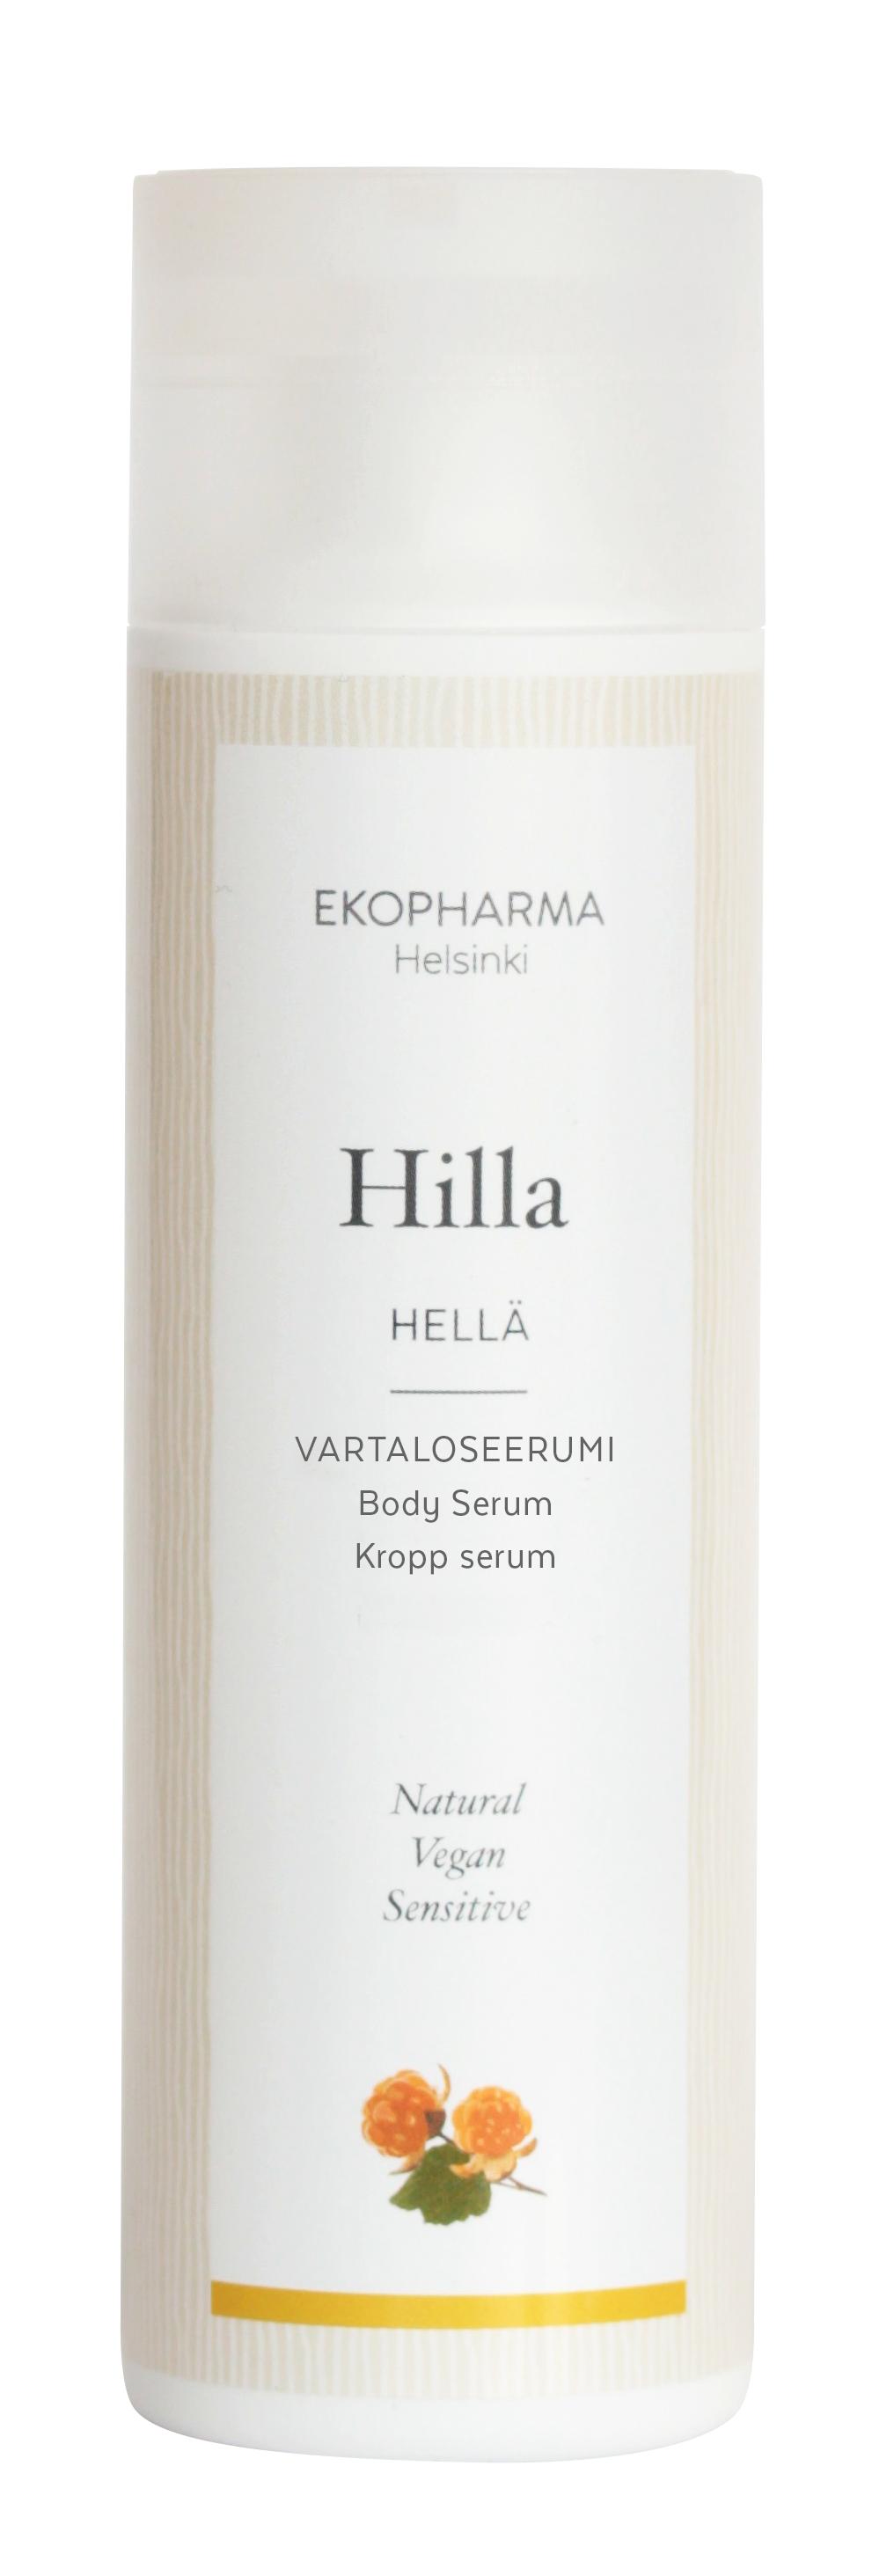 Hilla Hellä Vartaloseerumi 200ml